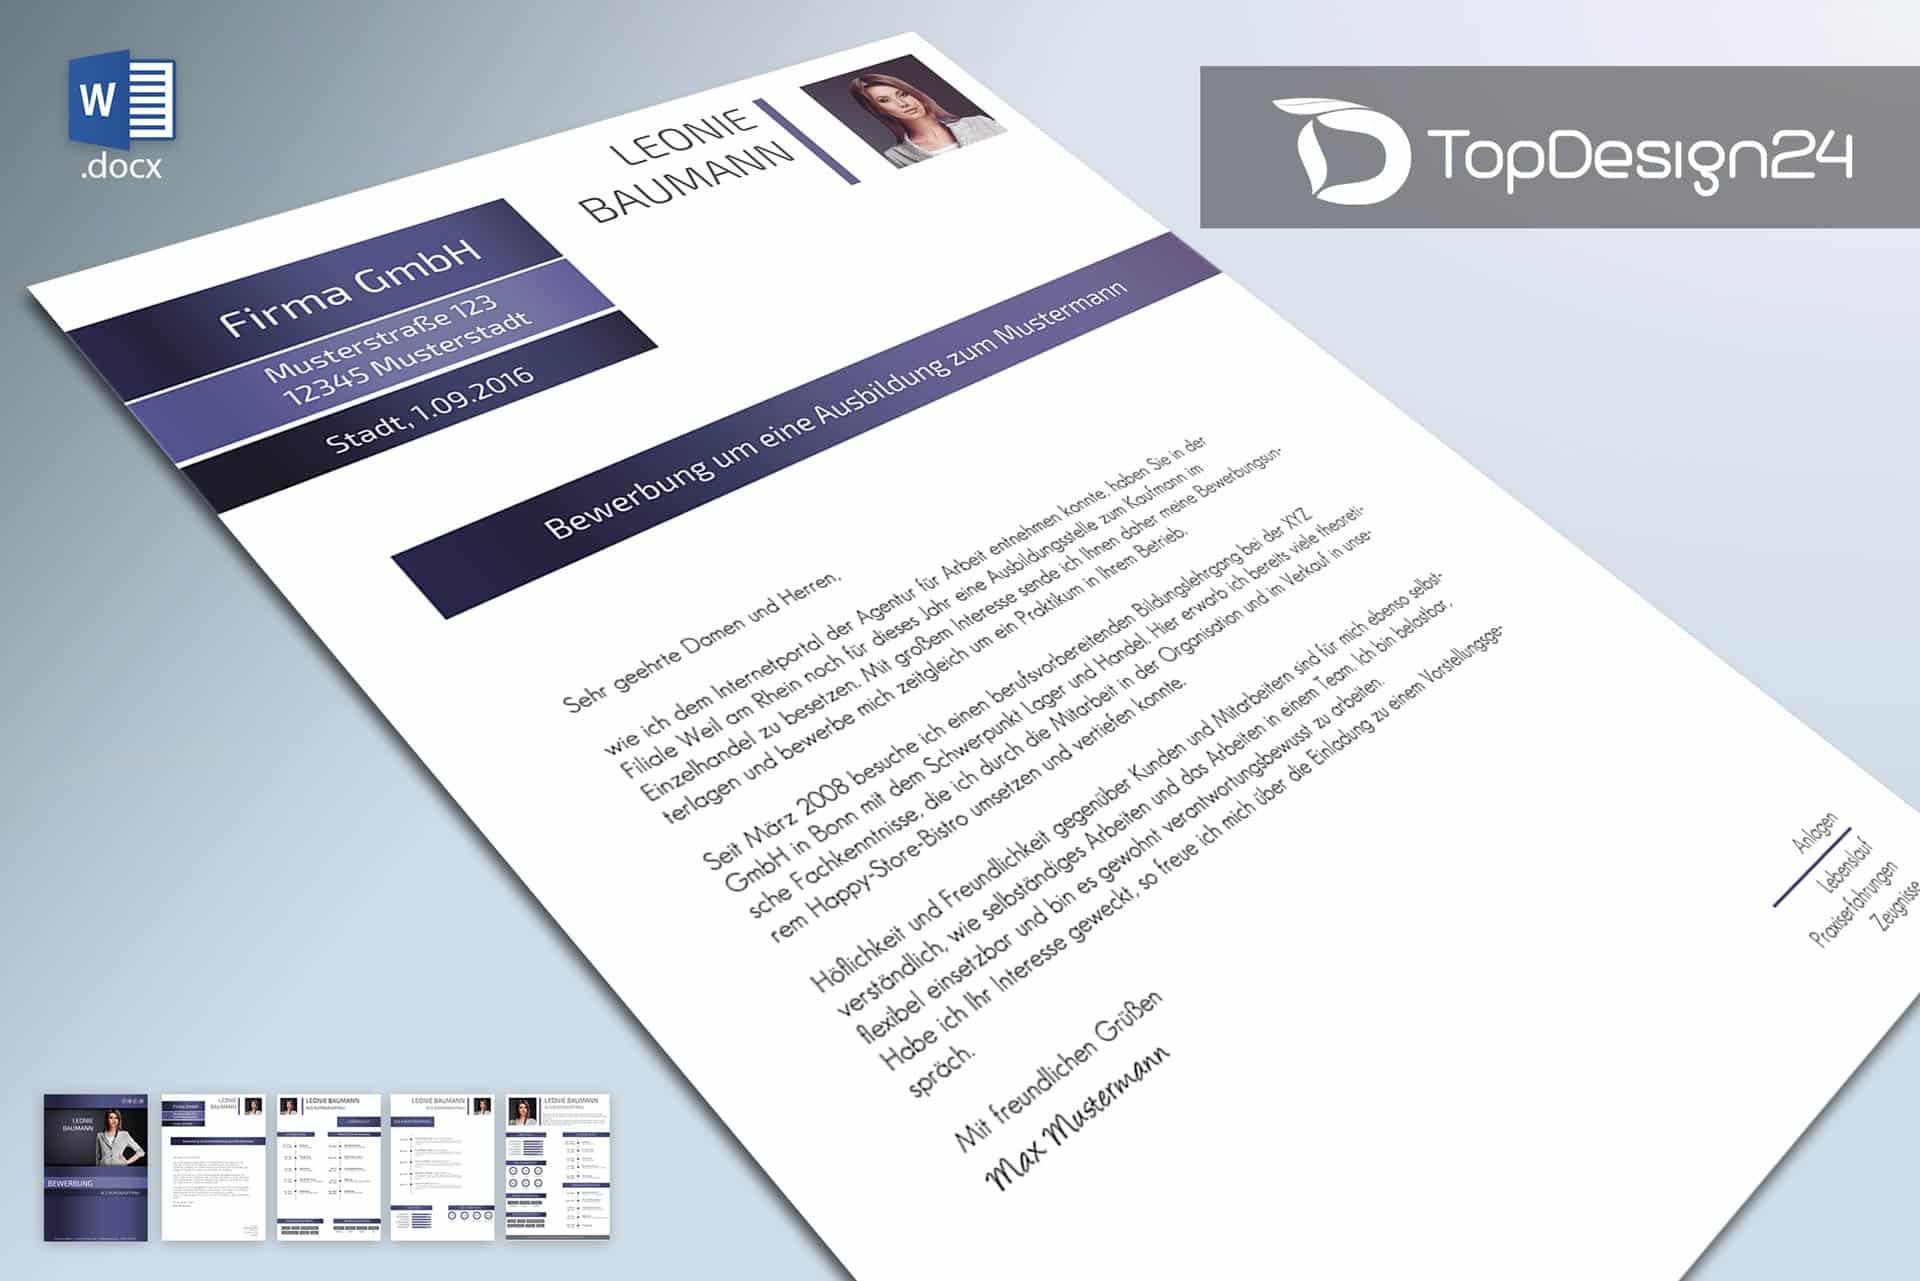 Initiativbewerbung Muster 2016 Topdesign24 Bewerbungsvorlagen